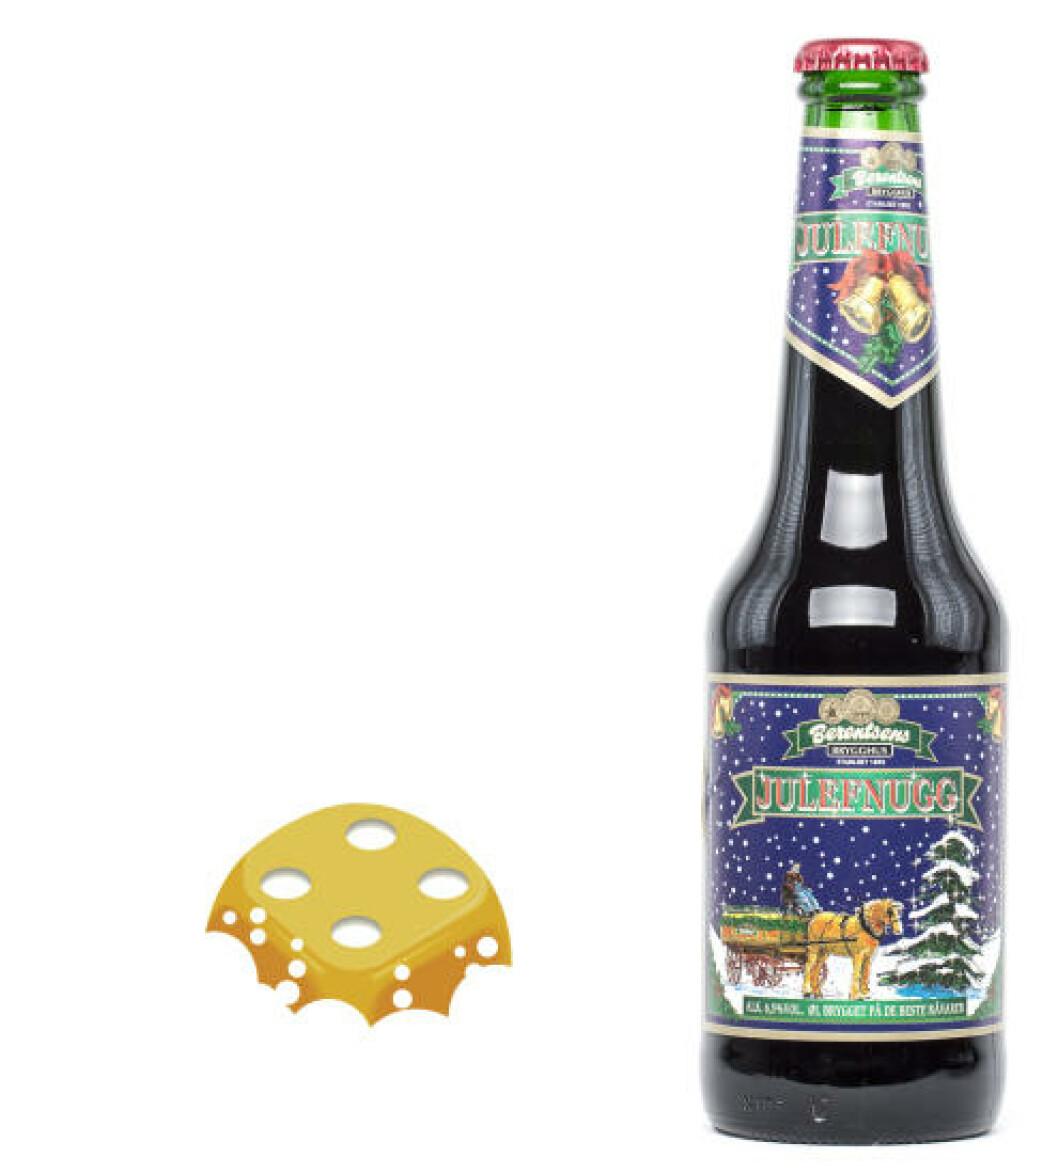 Berentsen Julefnugg, 0,33 l, flaske, 6,5%. Passer til desserter, men ikke krembaserte retter.